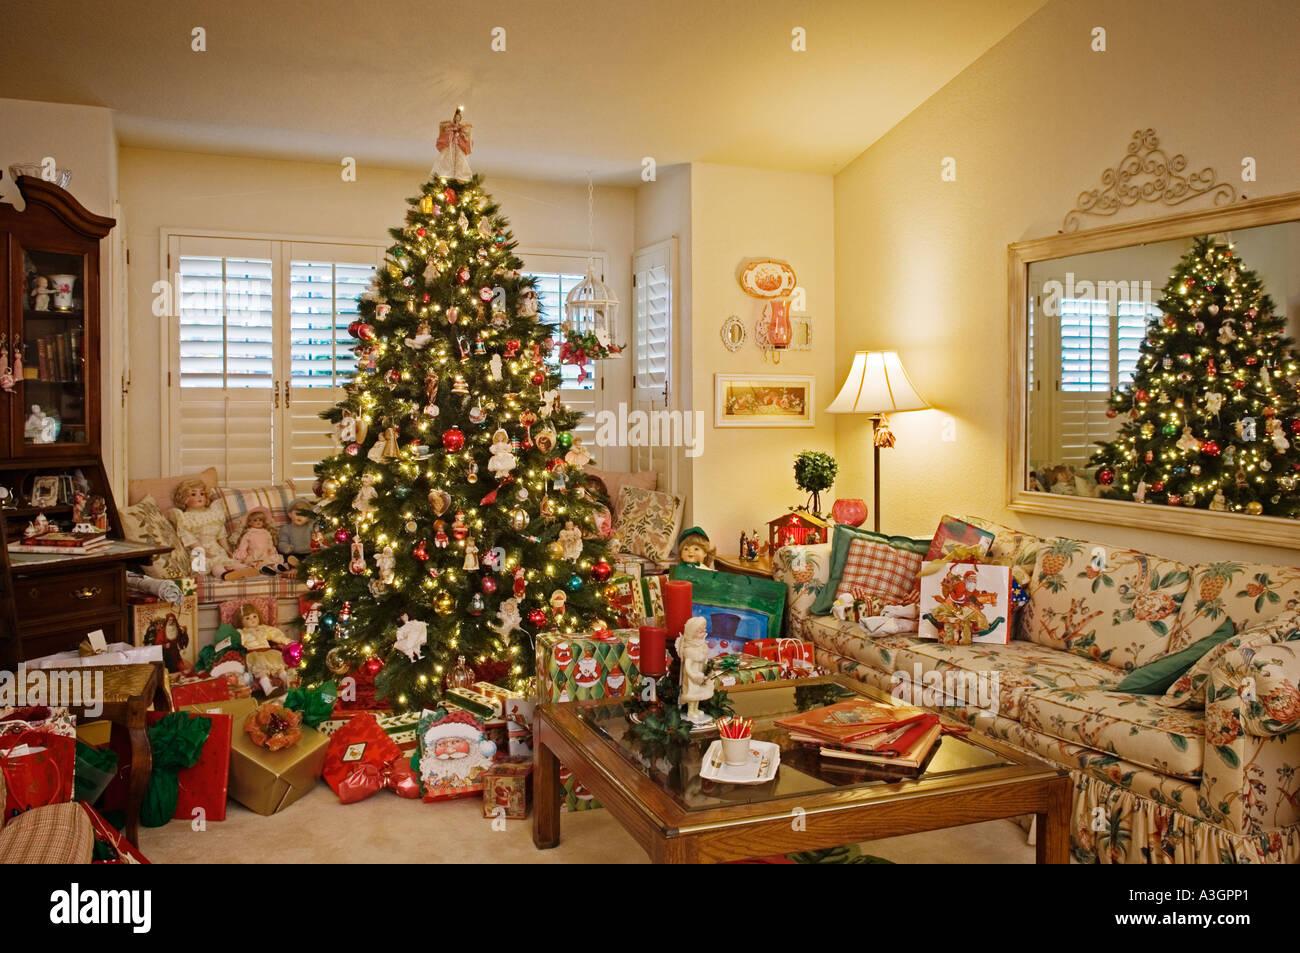 Albero Di Natale Regali.Albero Di Natale Addobbi E Regali Nel Salotto Di Casa Di Lusso Nel Sud Della California Usa Foto Stock Alamy